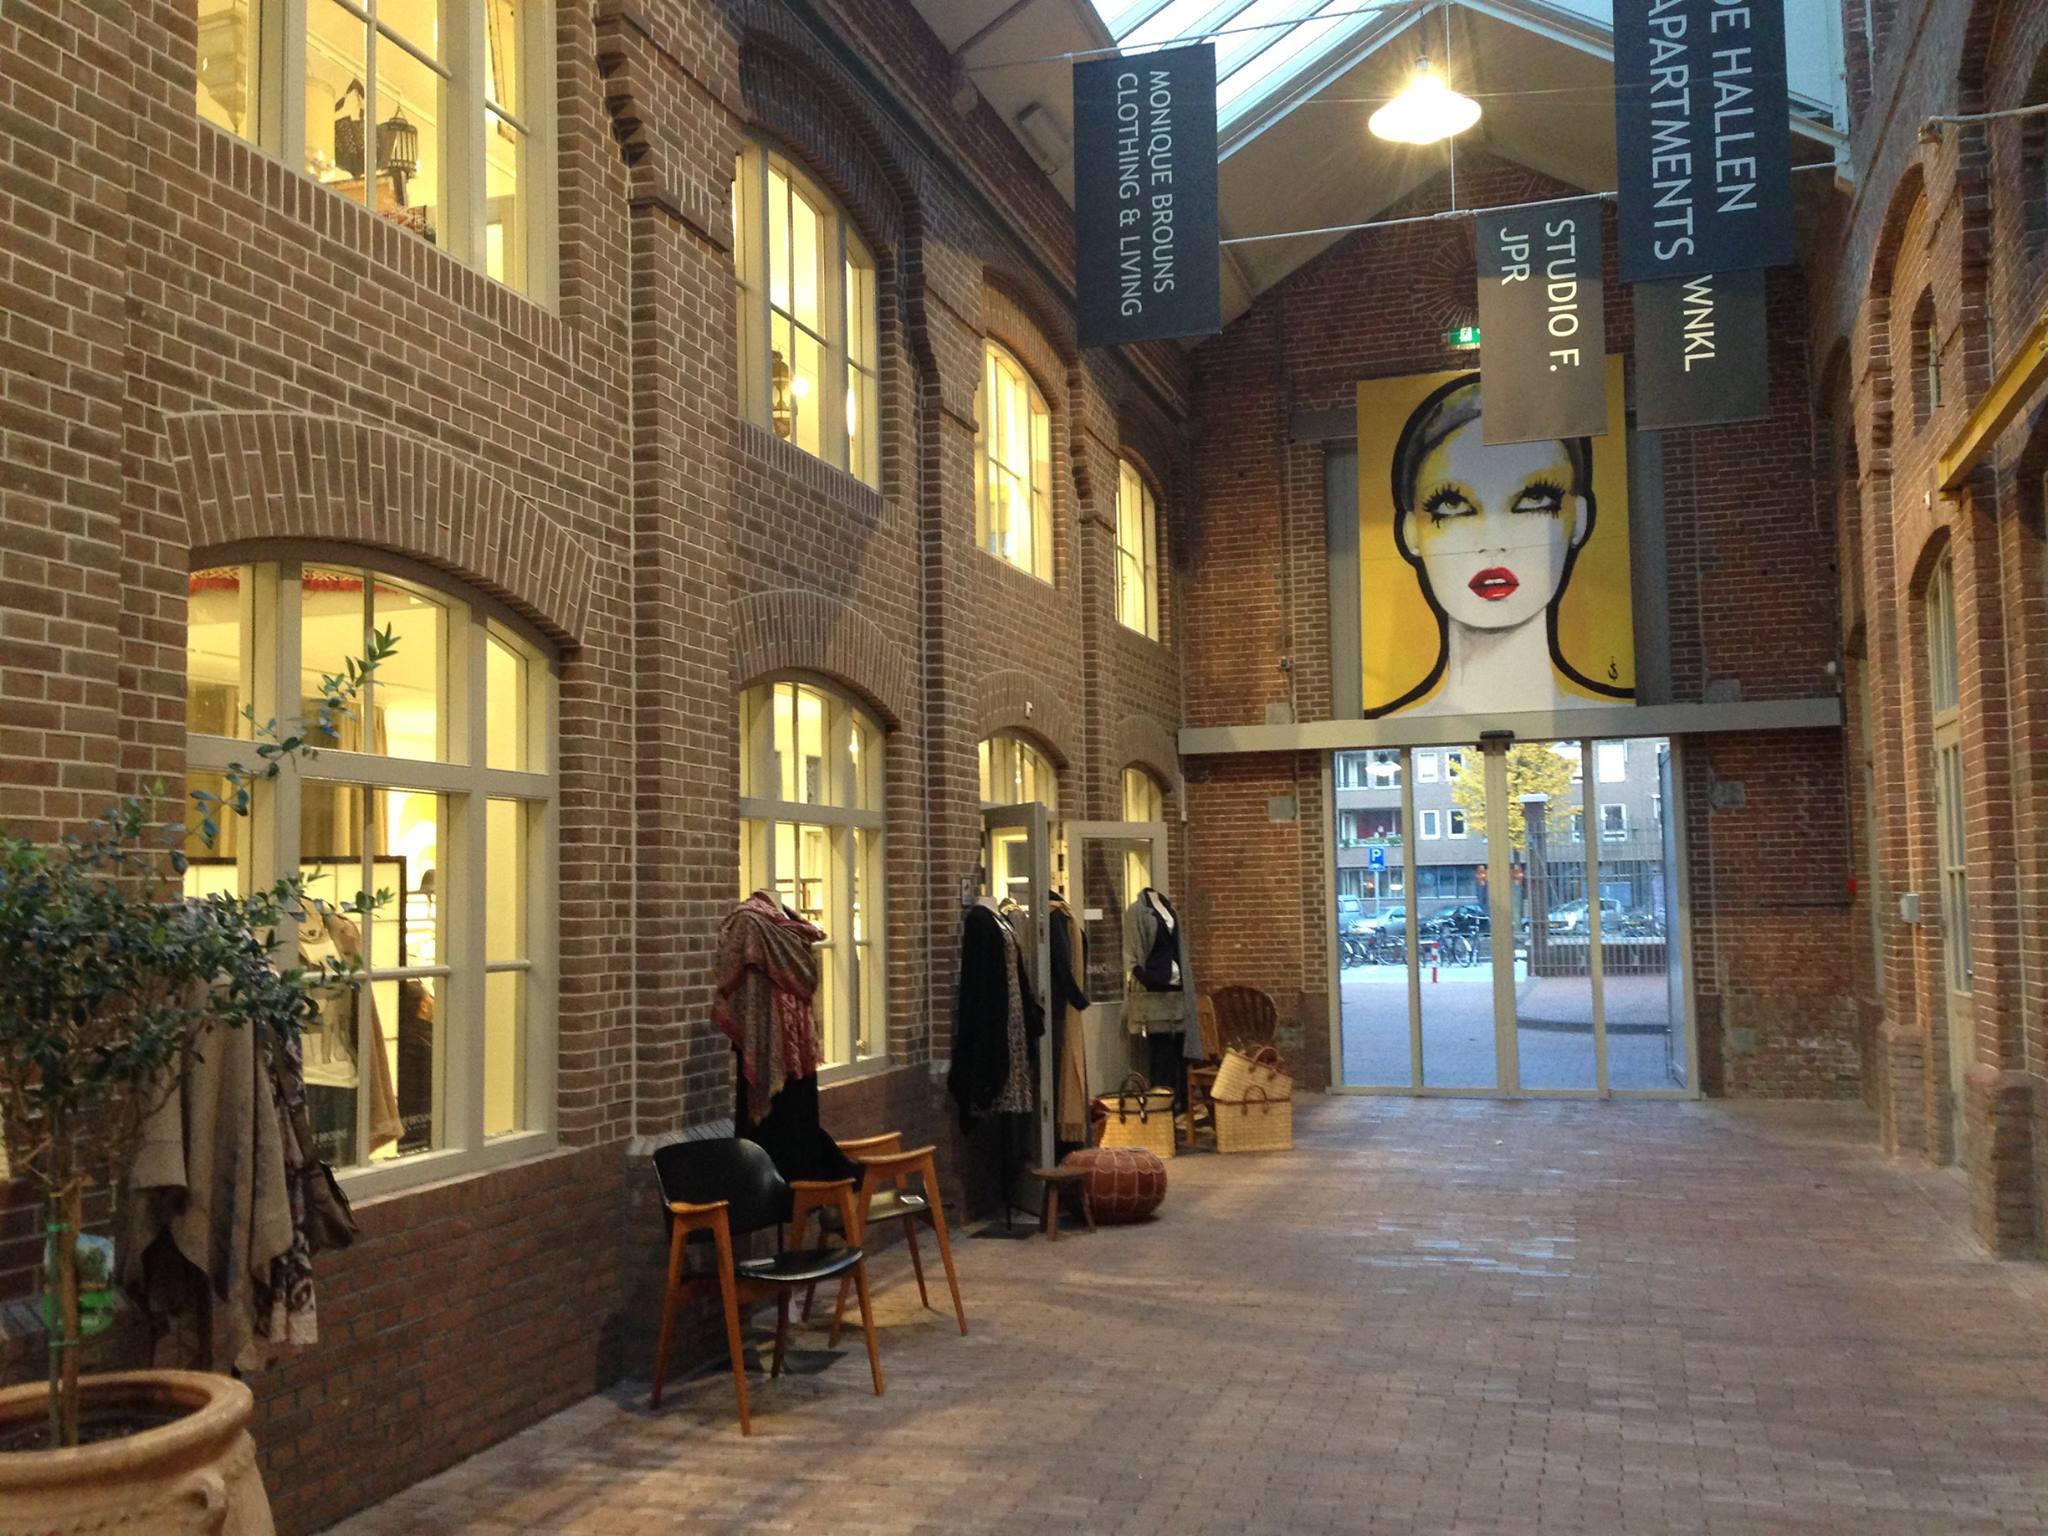 Our shop entrance at De Hallen